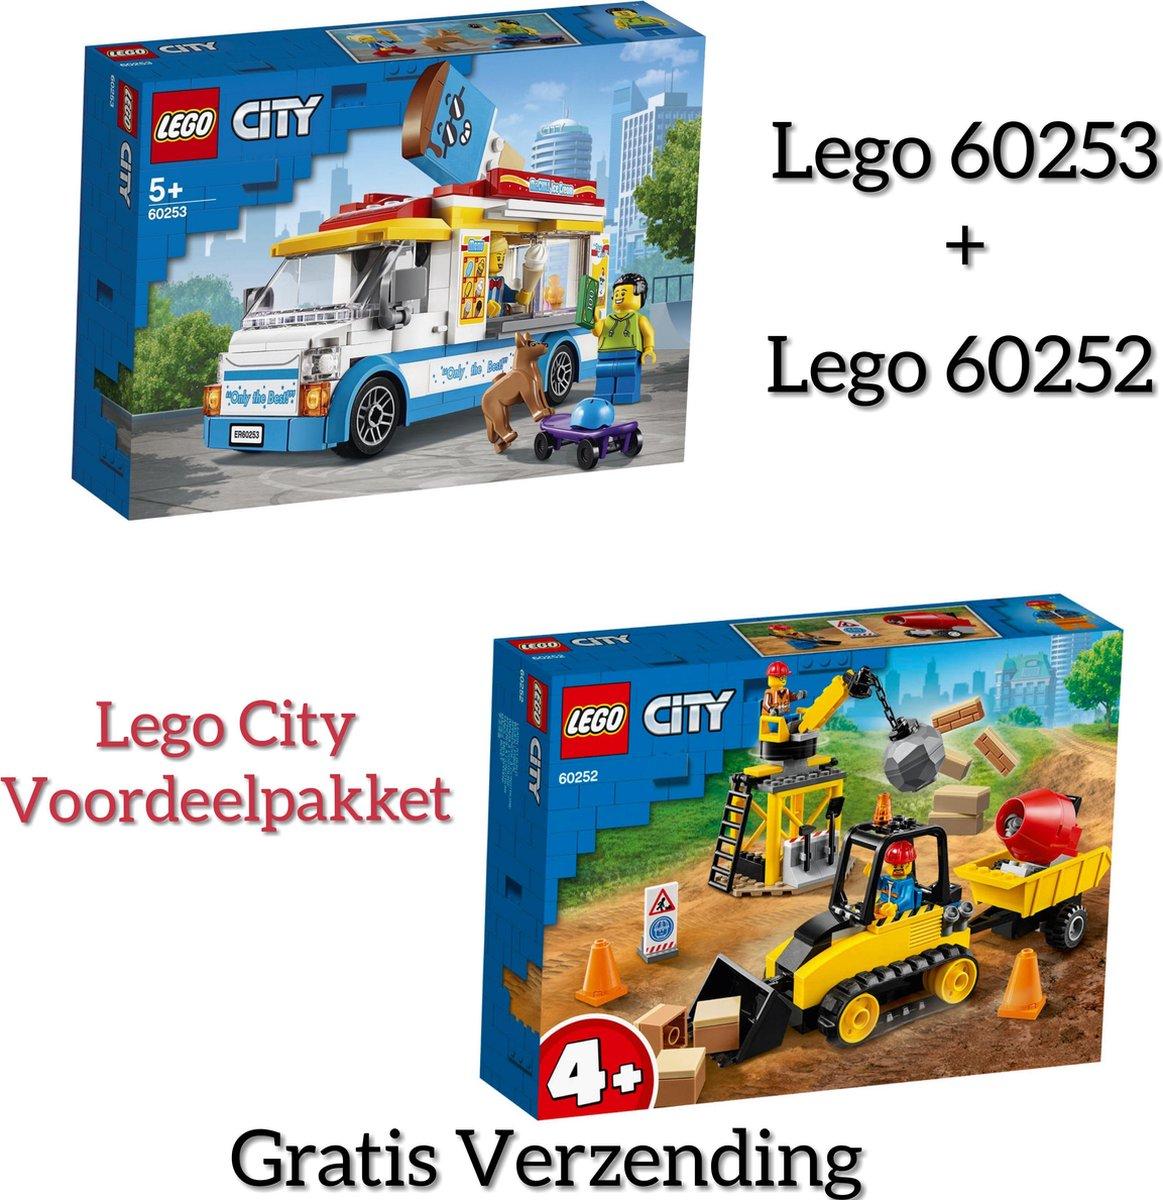 Lego PAKKET LEGO CITY 60252-60253 / LEGO City 4+ Constructiebulldozer 60252 + LEGO City IJswagen 60253